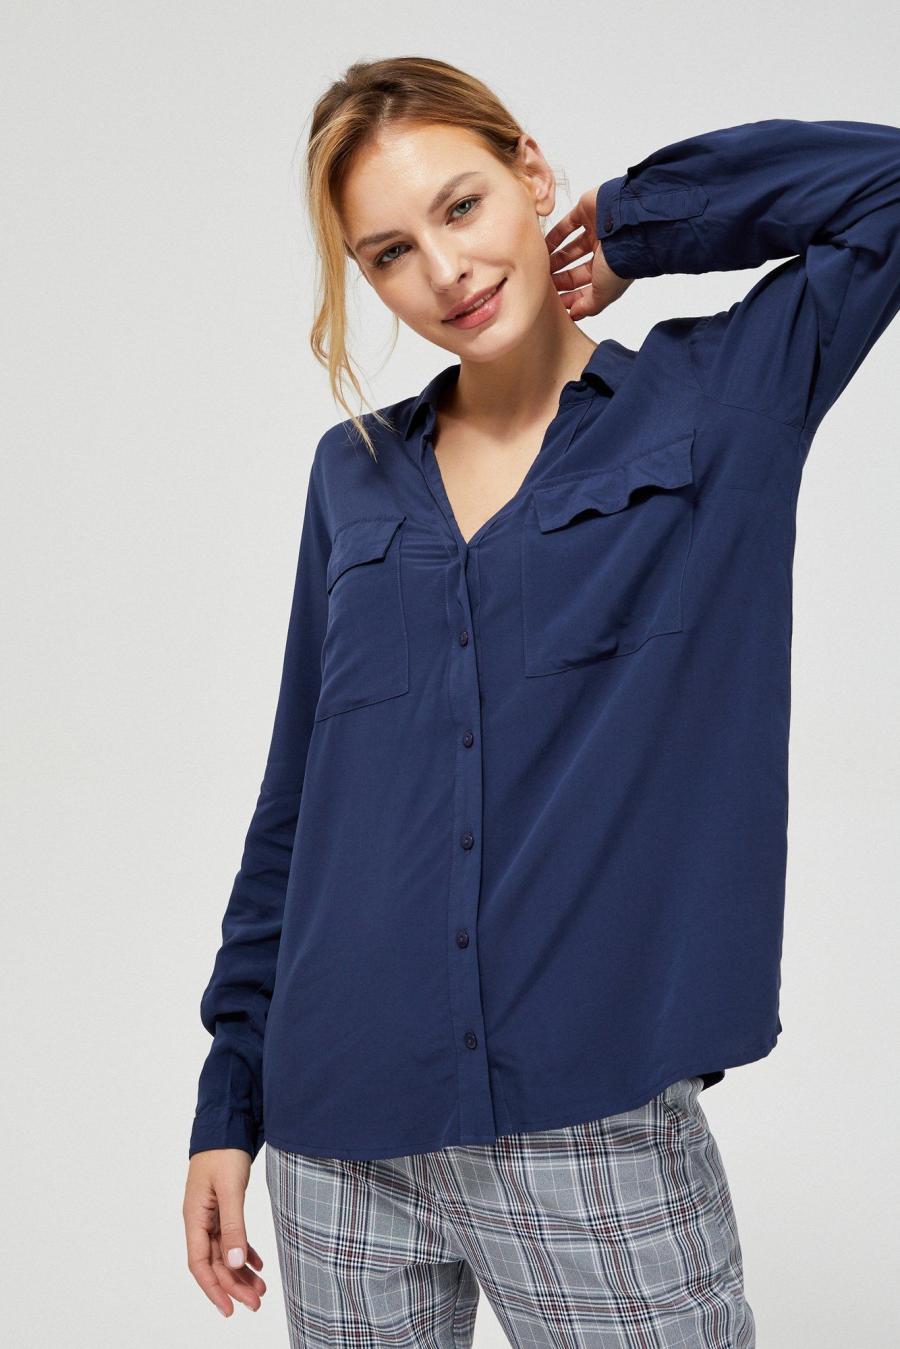 Moodo Košile EKSE II dámská oversize - Tmavě modrá - velikost XS